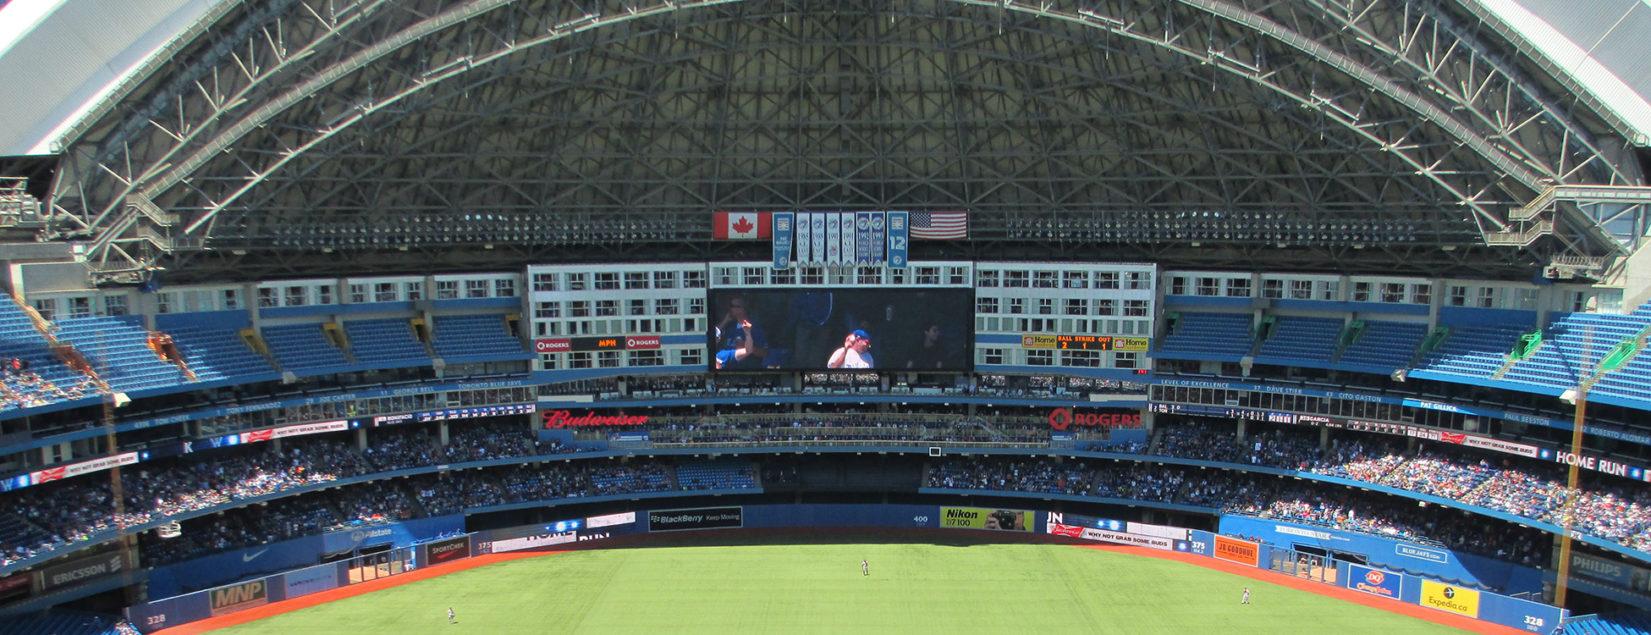 Guides To Professional Mlb Baseball Ballparks Mlb